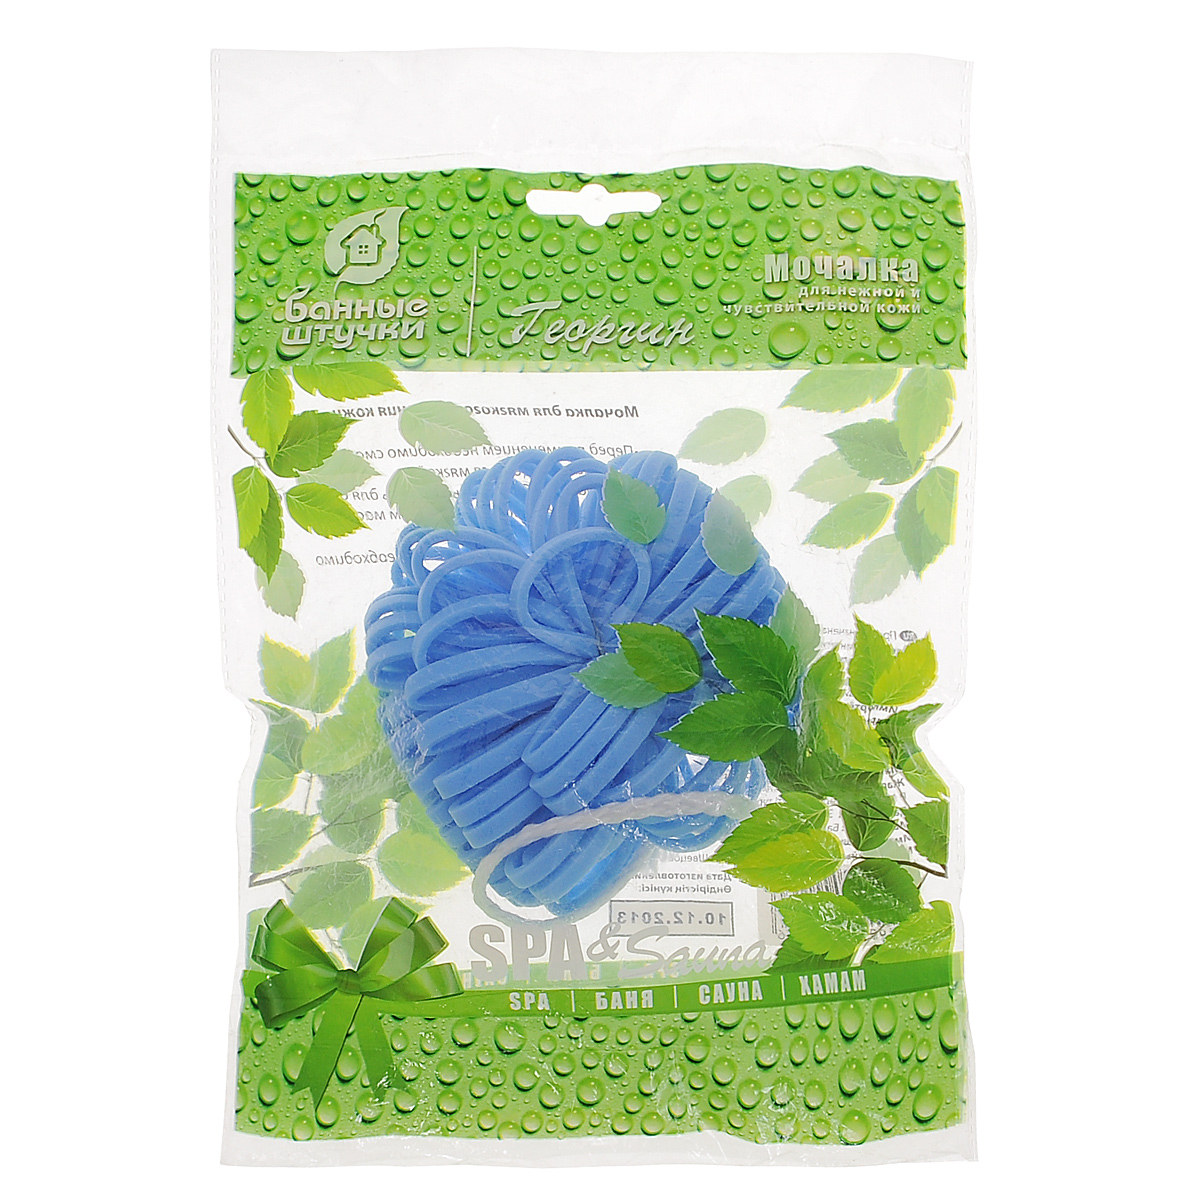 Мочалка Банные штучки Георгин для нежной и чувствительной кожи, цвет: голубойSC-FM20104Мочалка Банные штучки Георгин изготовлена из синтетического полимера в виде цветка георгина. Она подходит для нежной и чувствительной кожи. Прекрасно взбивает мыло и гель для душа, дает обильную пену, обладает легким массажным воздействием. На мочалке имеется удобная петля для подвешивания. Перед применением мочалку необходимо смочить водой, и она станет мягкой.Мочалка Георгин станет незаменимым аксессуаром в ванной комнате.